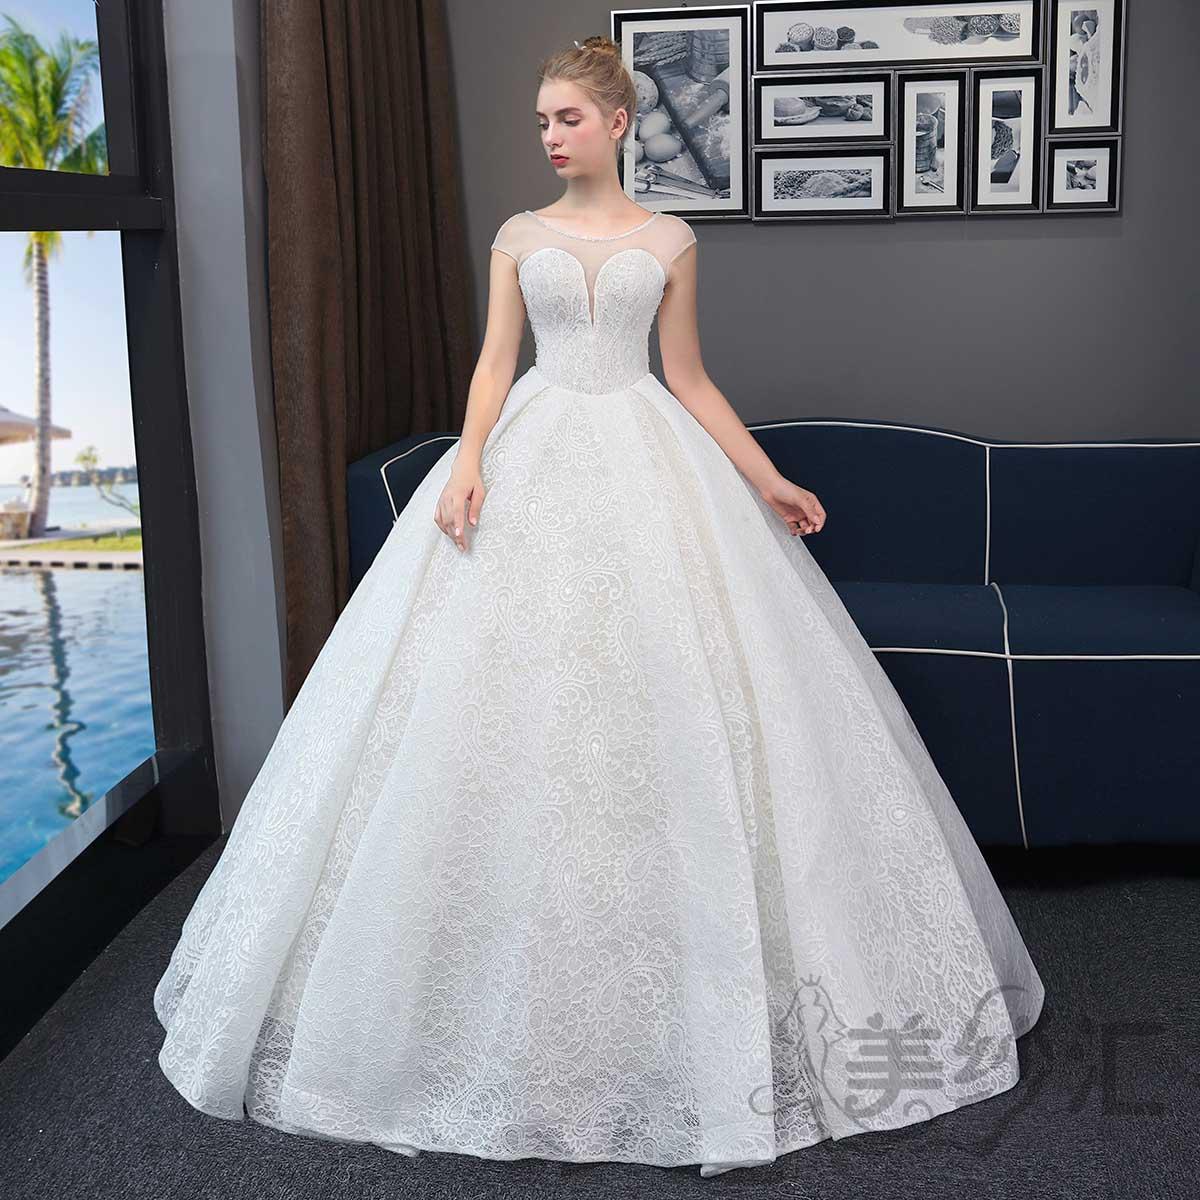 精美花纹包肩圆领新娘结婚当天嫁衣齐地婚纱绑带款1010722808 香槟色 均码